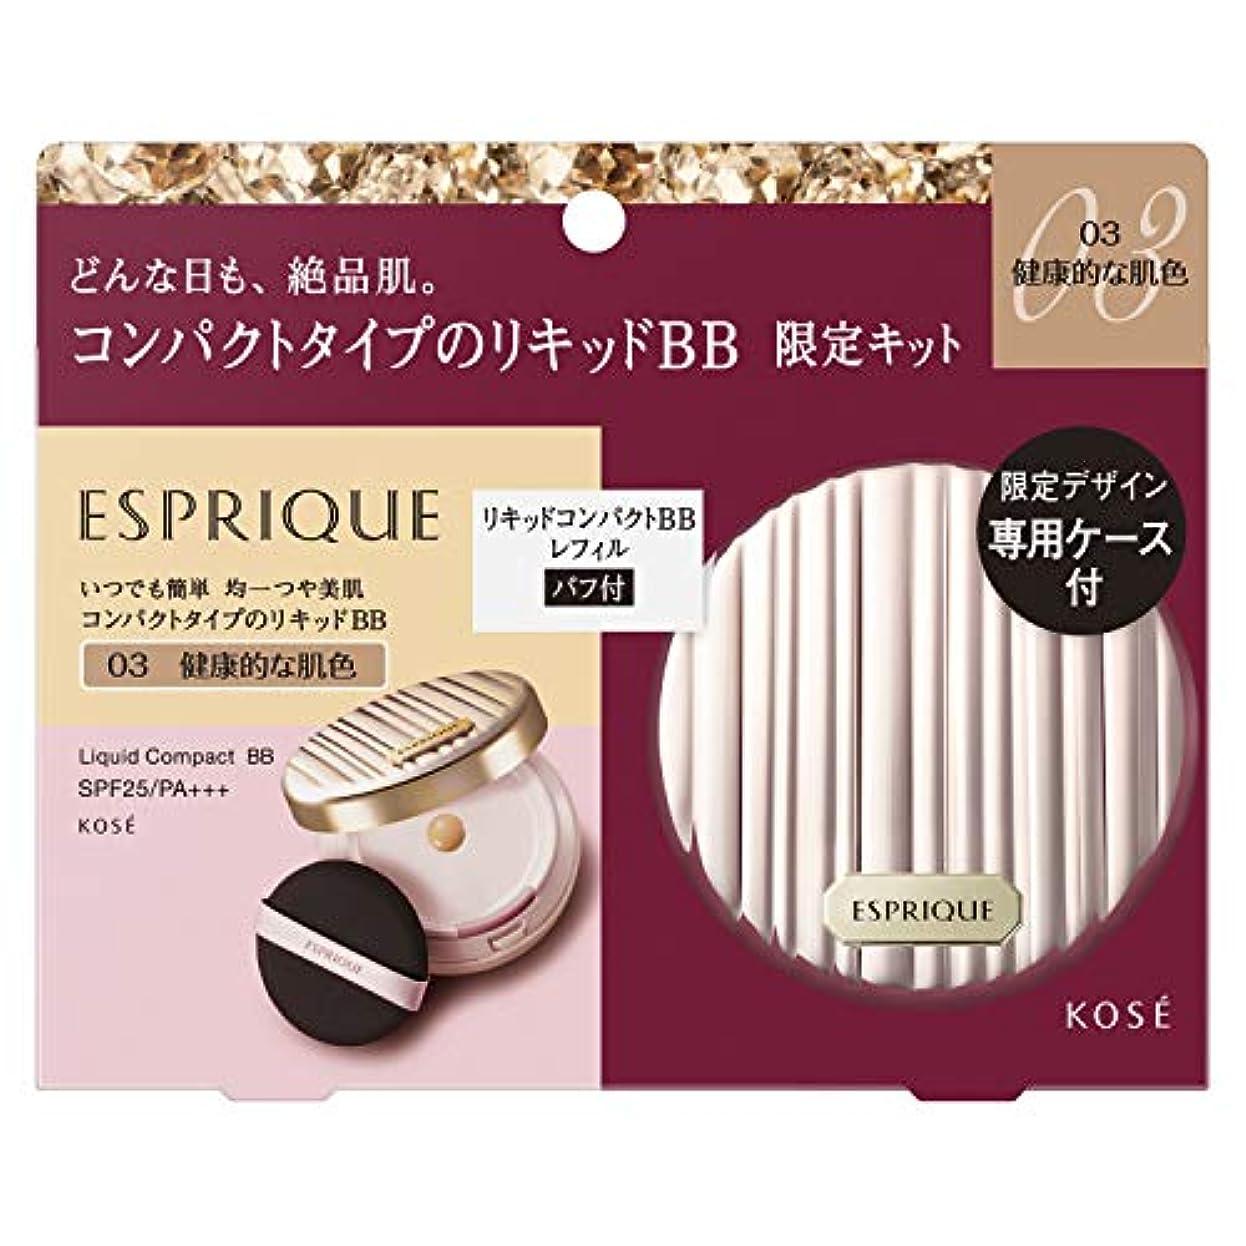 失われたスライム謎ESPRIQUE(エスプリーク) エスプリーク リキッド コンパクト BB 限定キット 2 BBクリーム 03 健康的な肌色 セット 13g+ケース付き